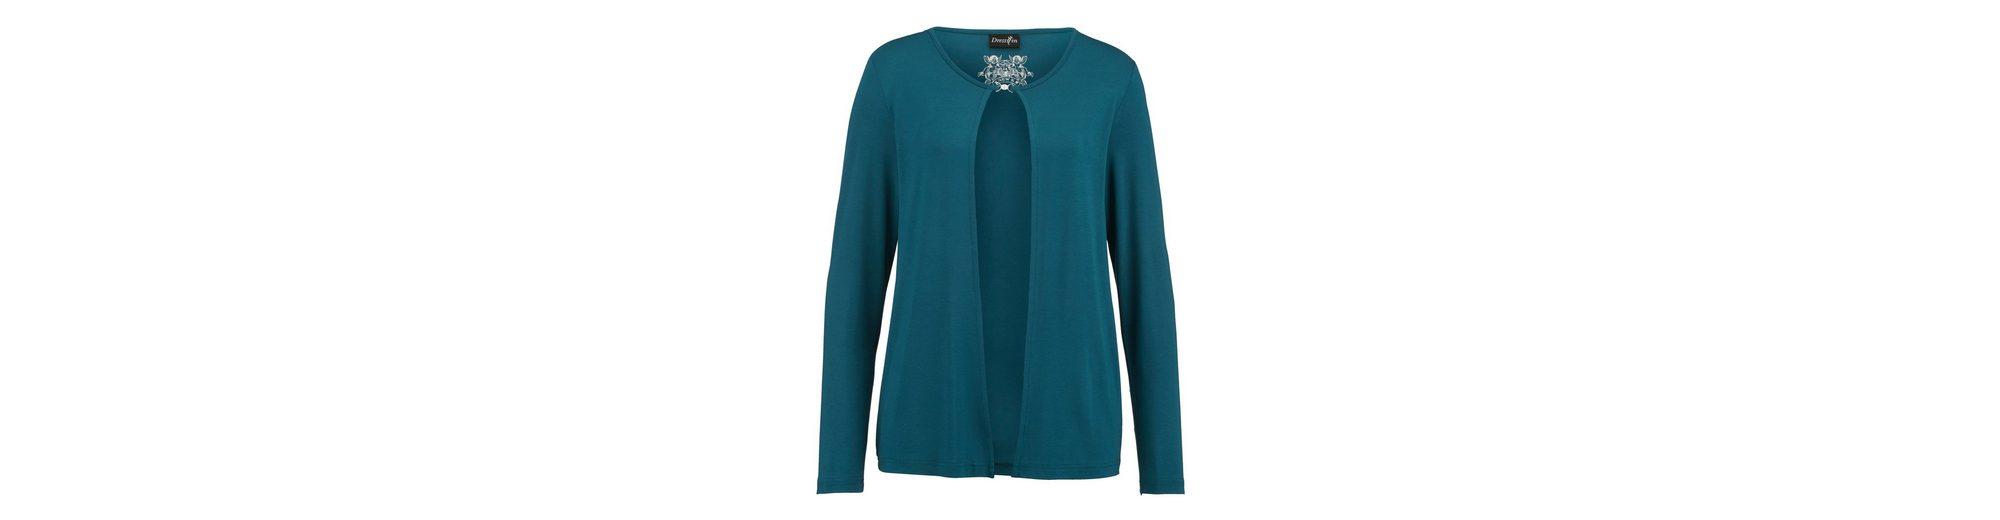 Verkauf 100% Authentisch Dress In Shirtjacke im klassischen Stil Online Gehen Authentisch Verkauf Billig Beste Preise Billig Verkaufen Brandneue Unisex jG3Rp